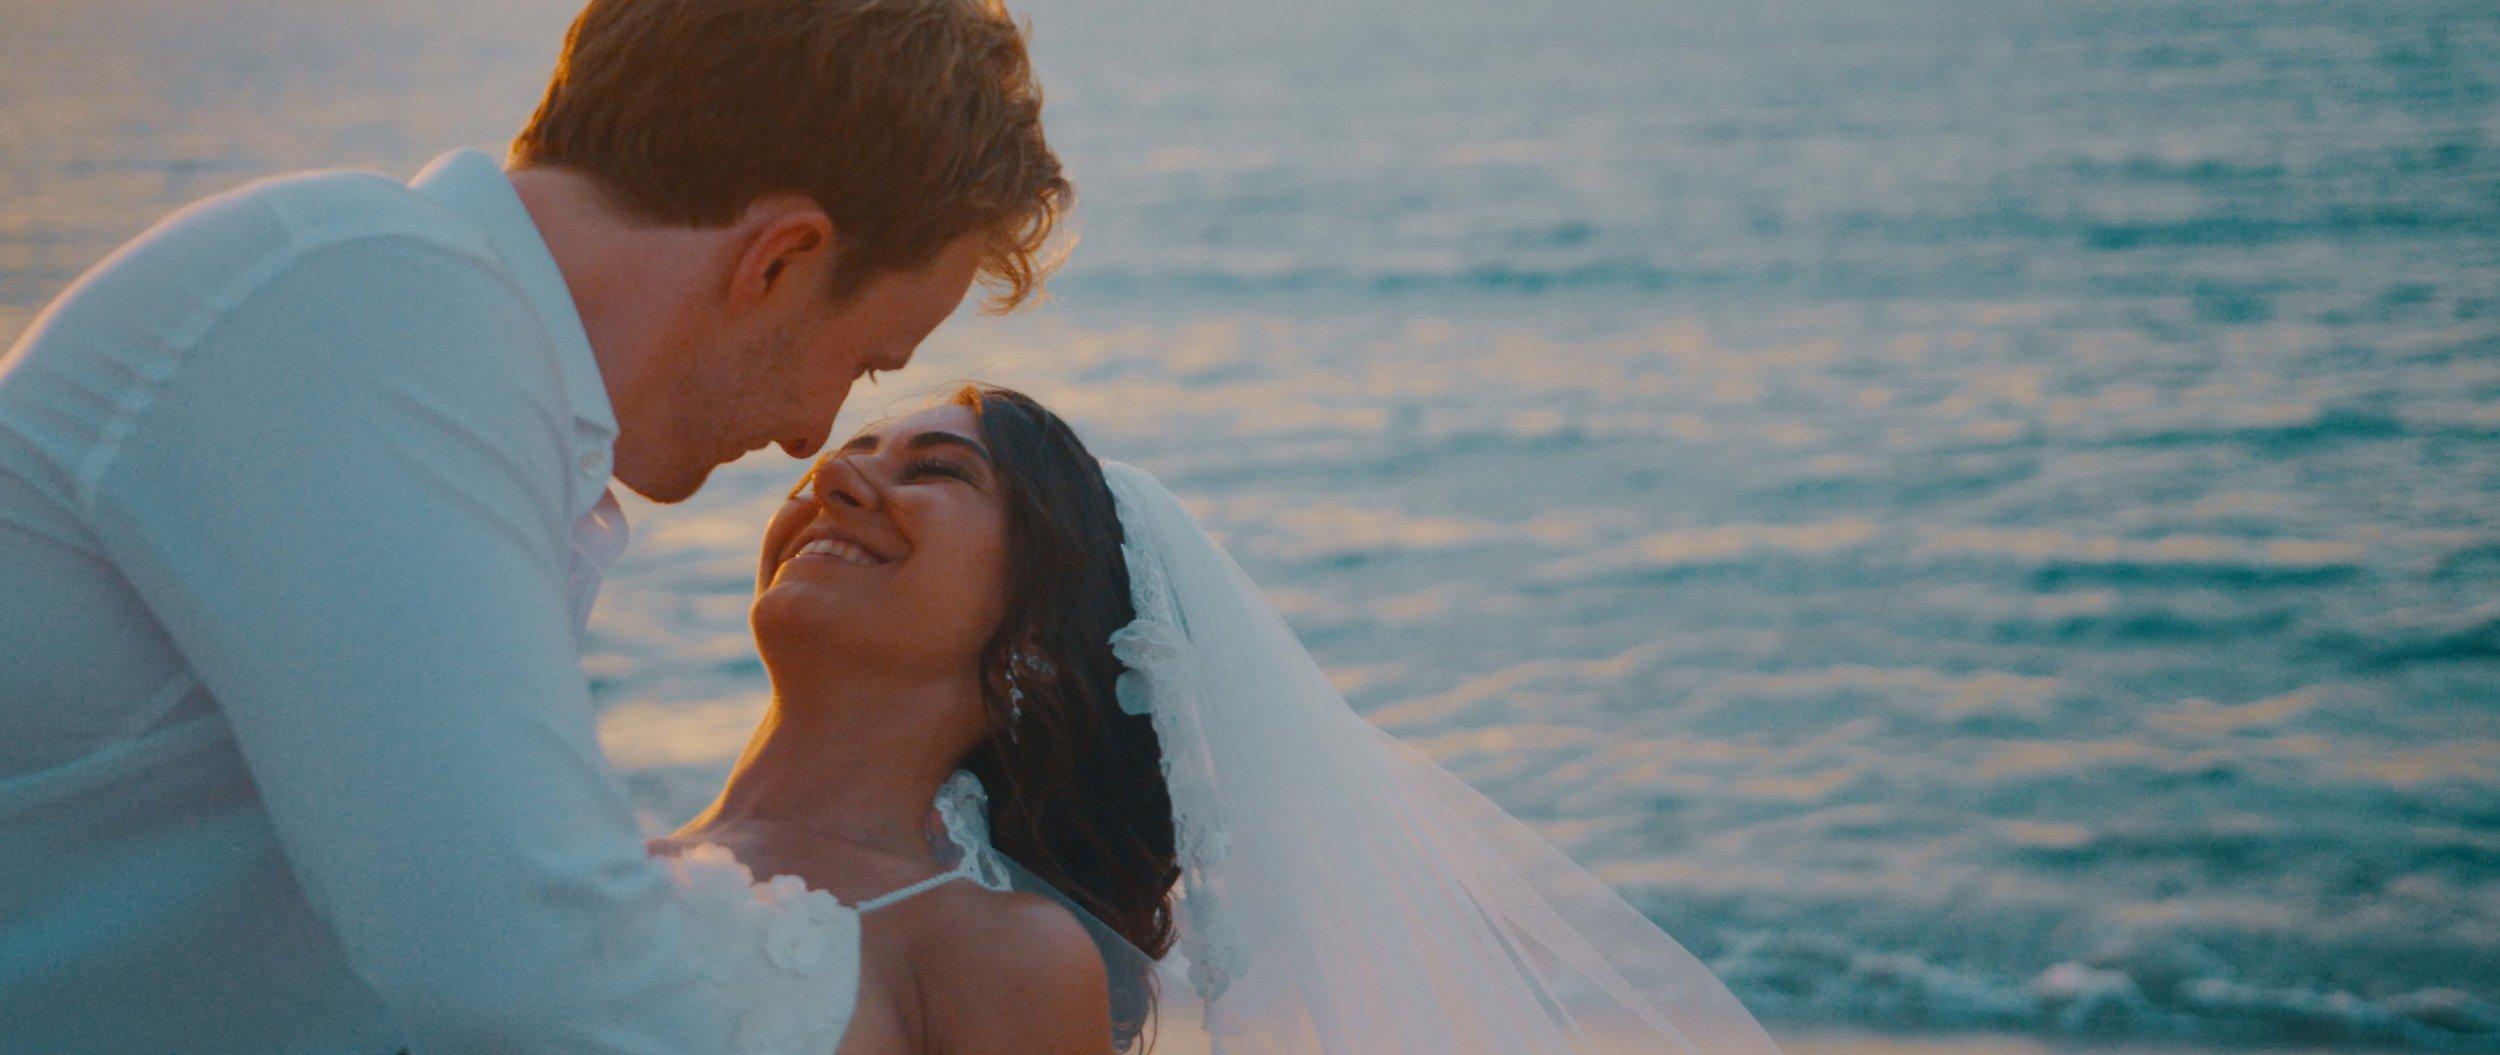 + 495€ |Long métrage - Revivez votre mariage avec un long métrage d'environ 20 minutes mettant en vedette les discours et la cérémonie.